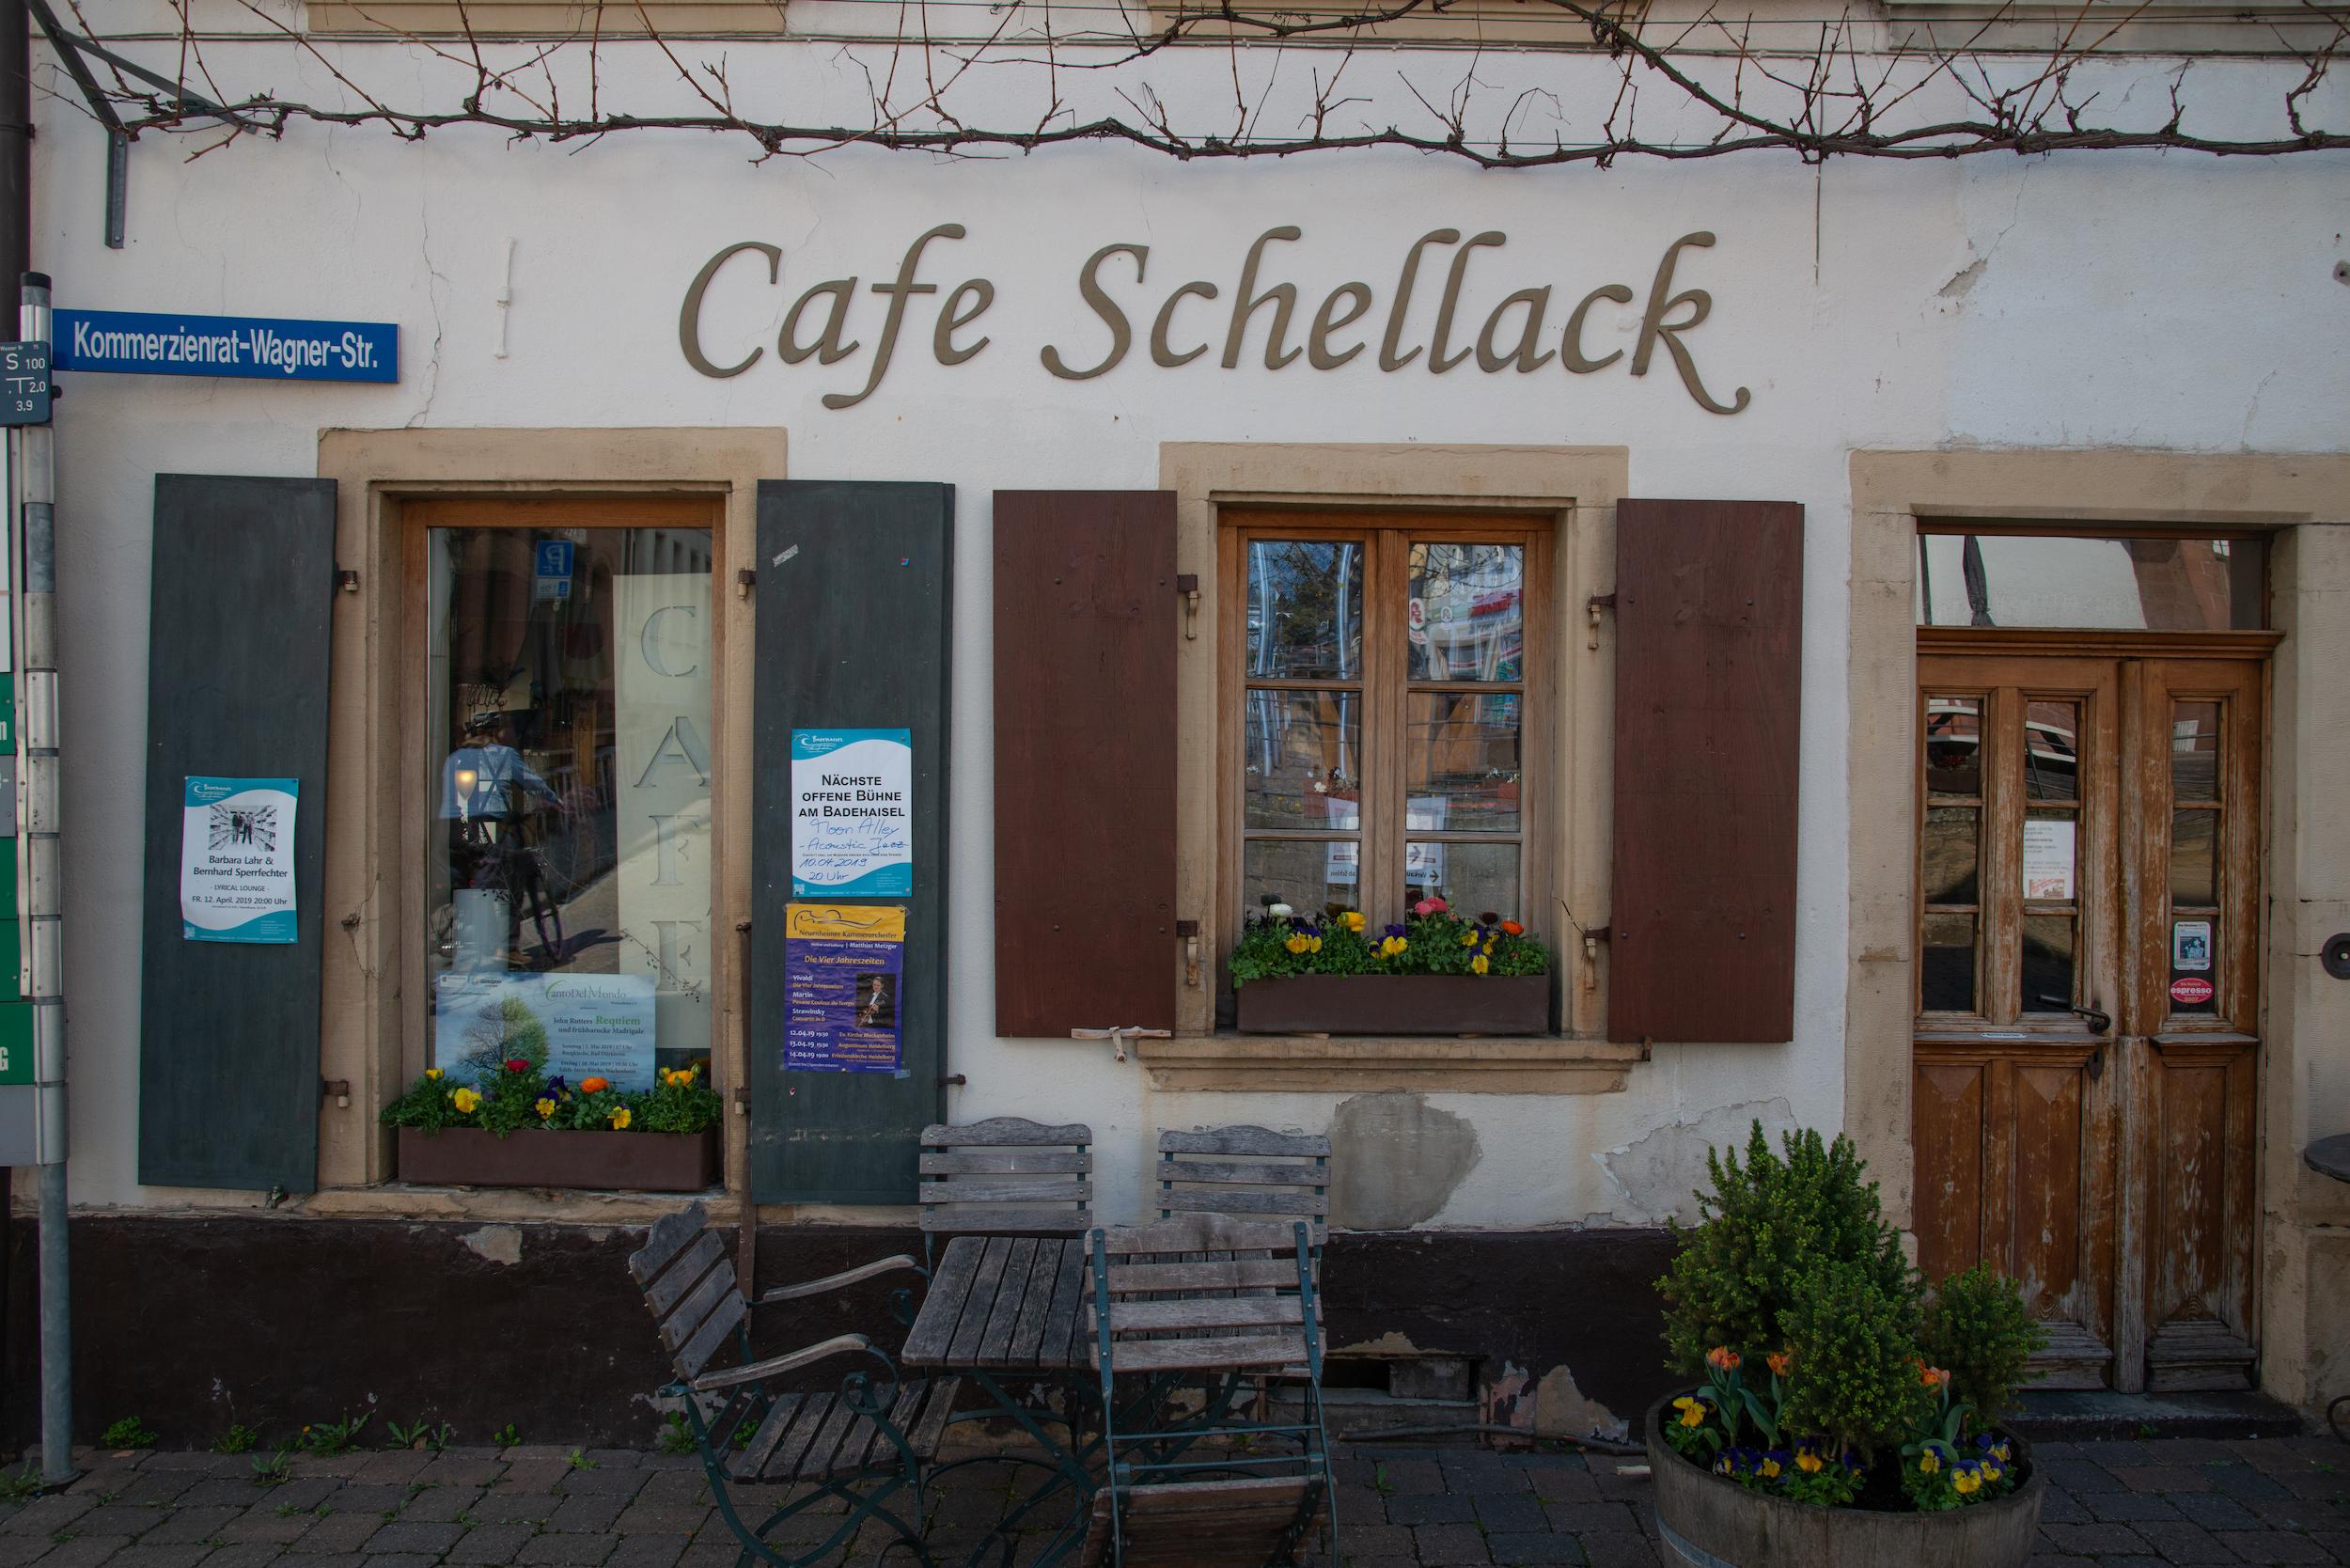 Cafe Schellack